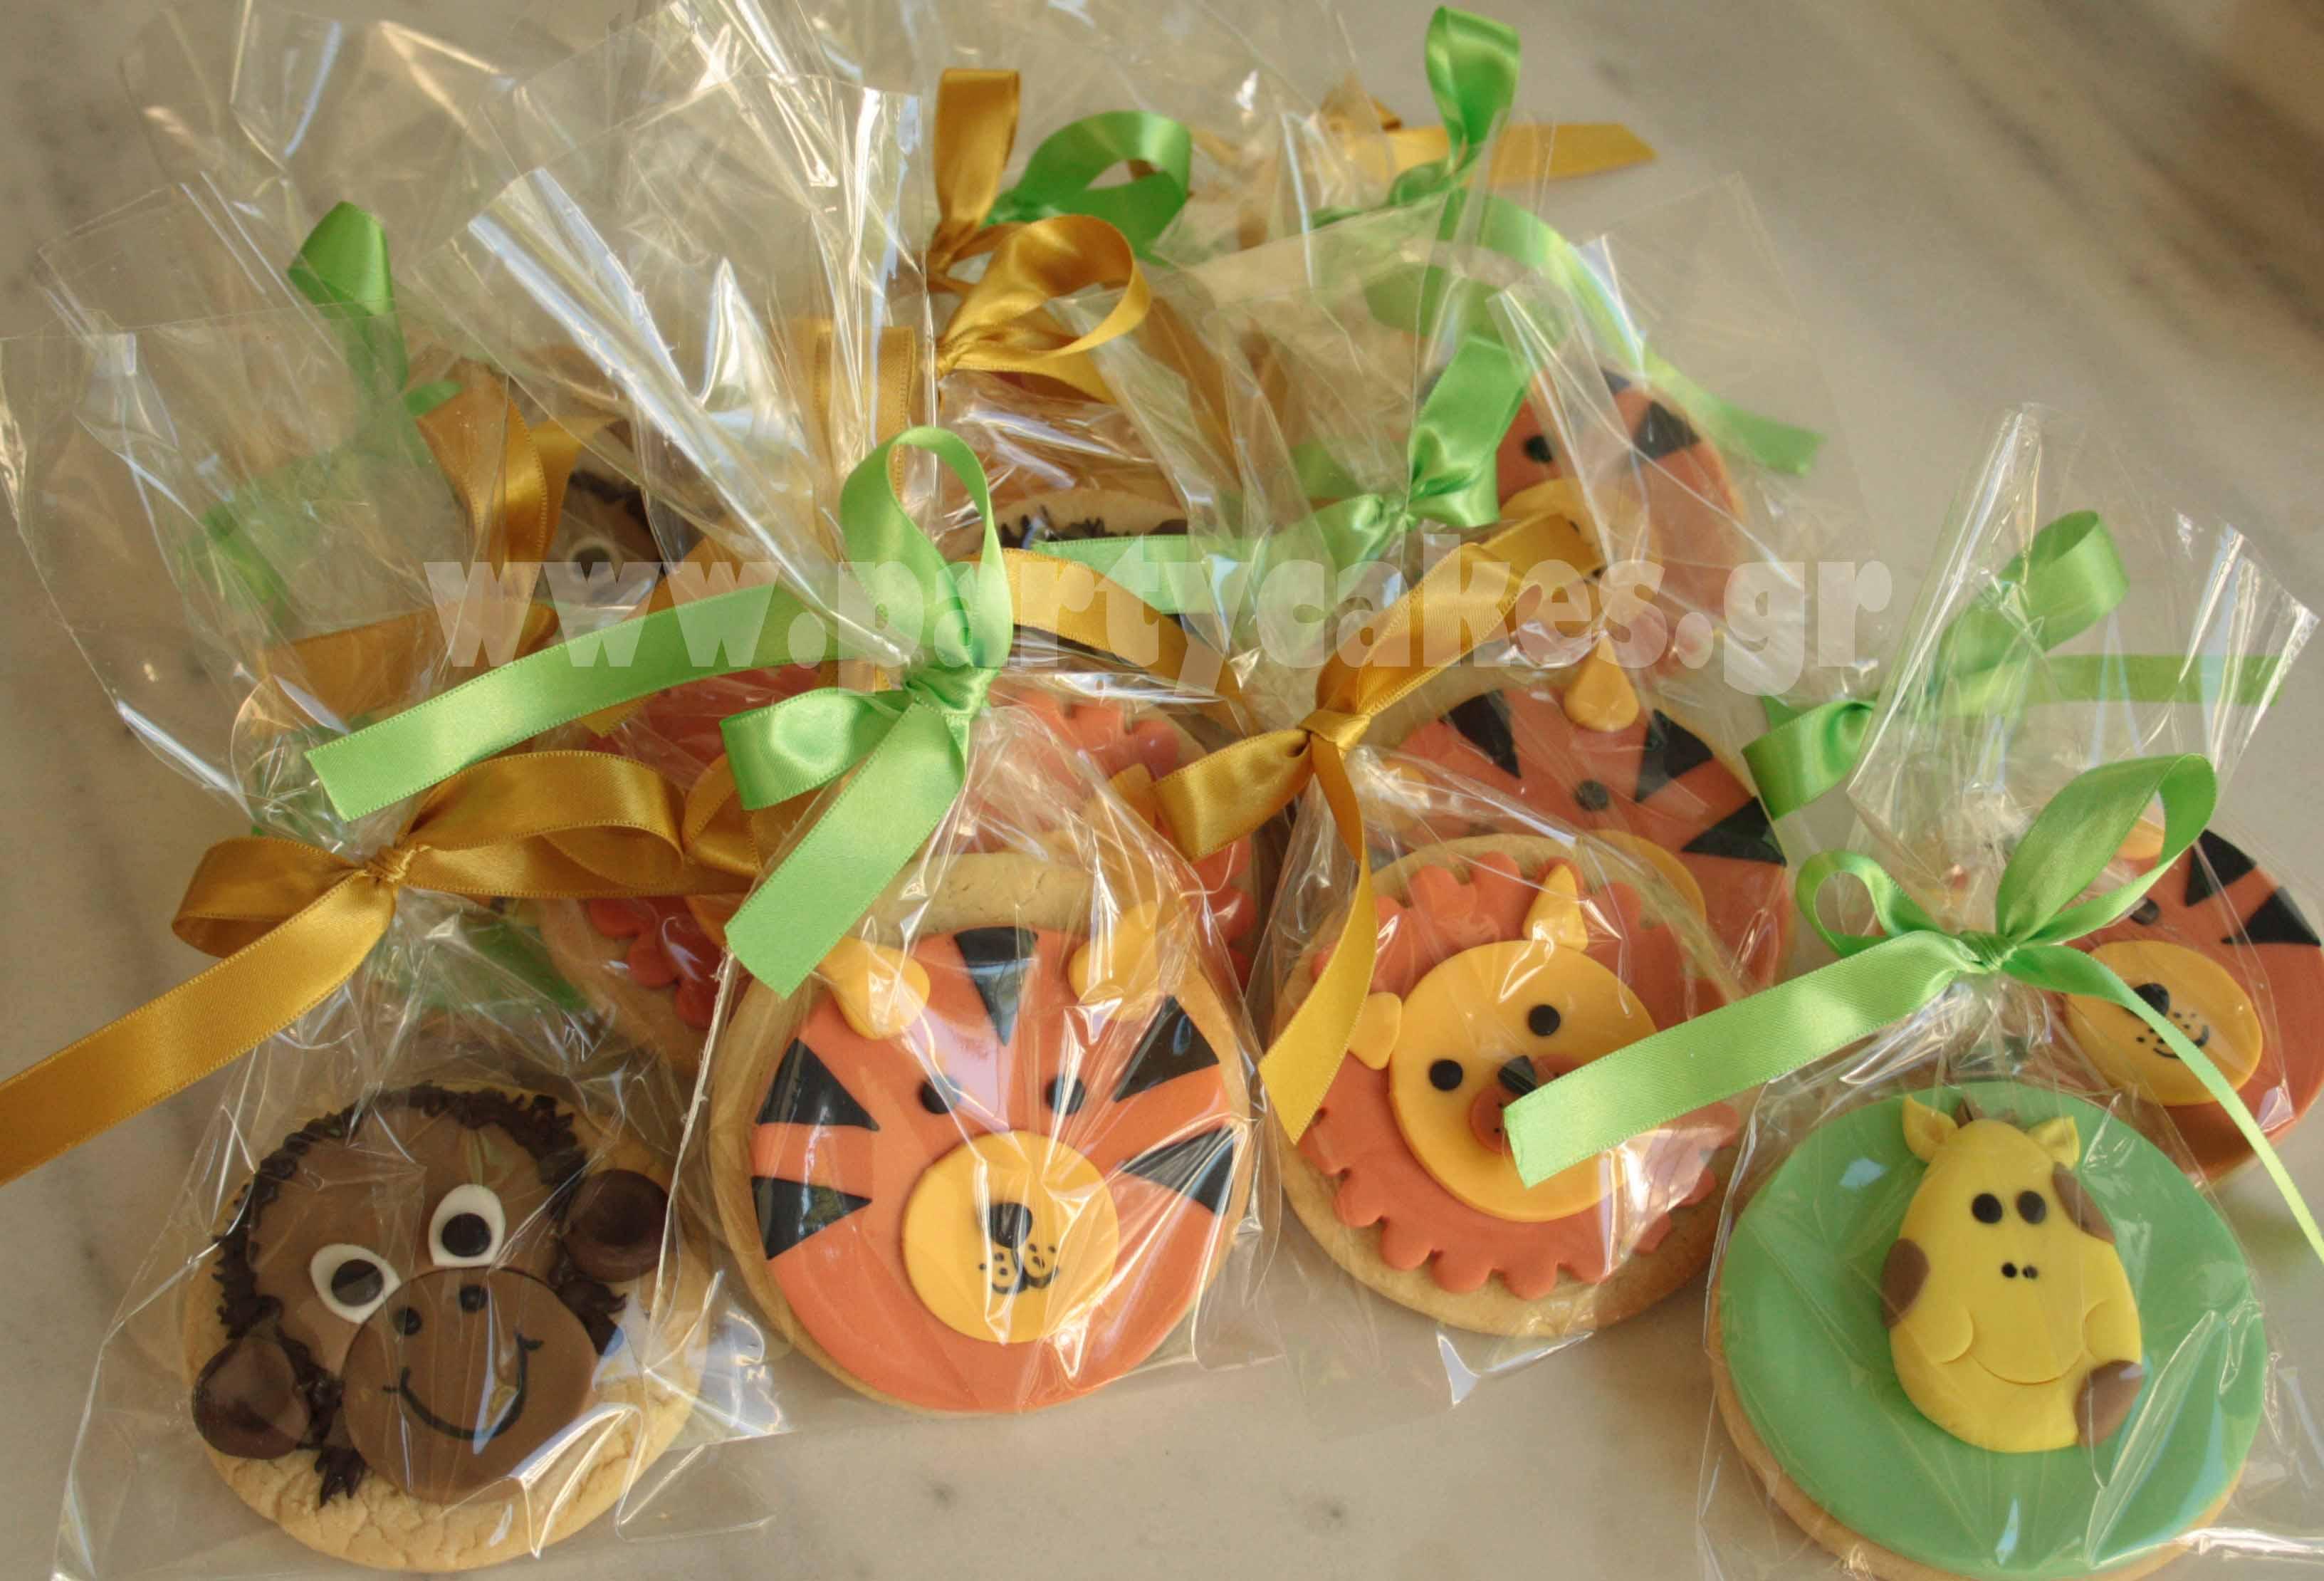 Jungle+cookies+2+copy.jpg